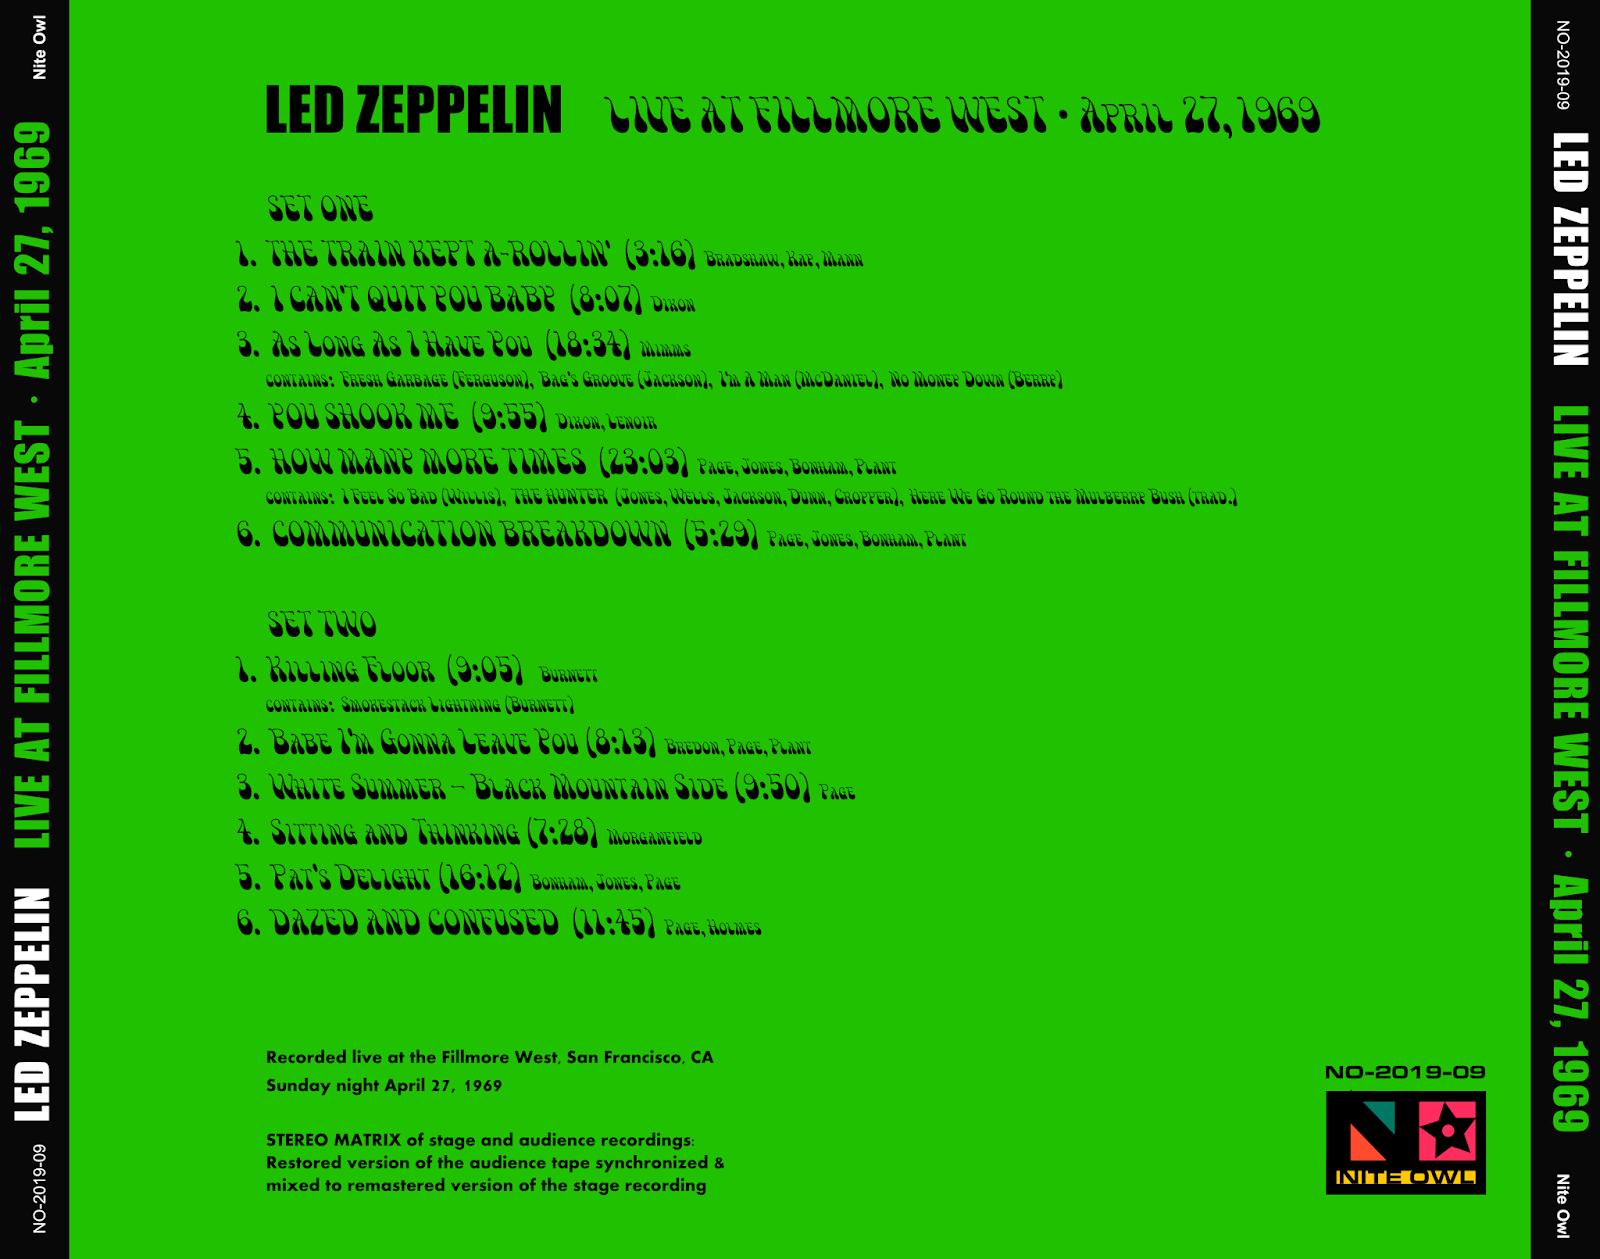 led zeppelin live at fillmore west april 27 1969